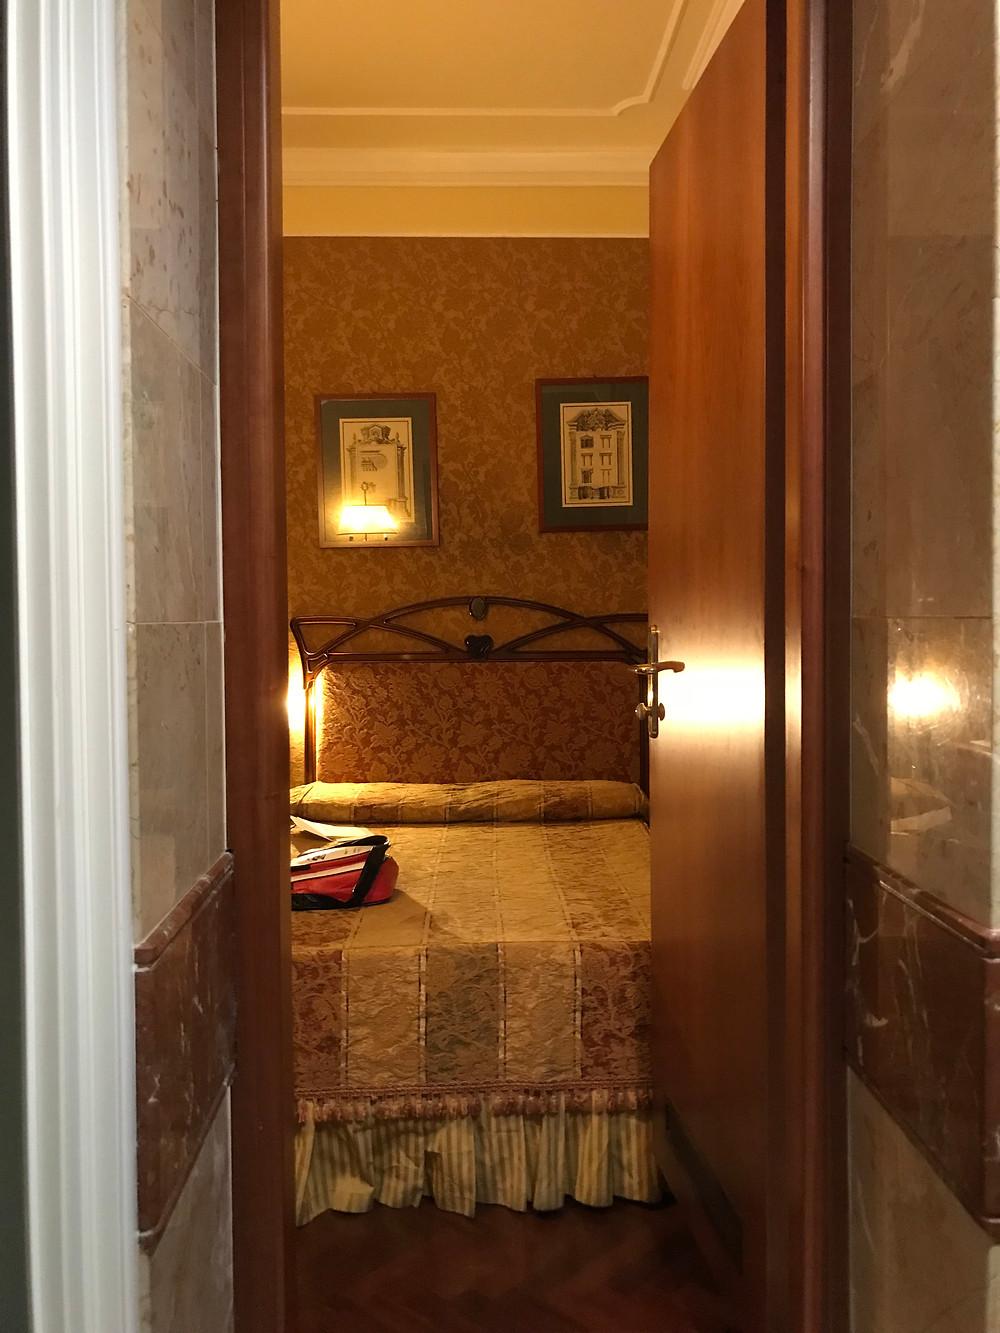 テルミニ駅から地下鉄2駅目の便利な立地のホテルだったけど、周りには何もなし!